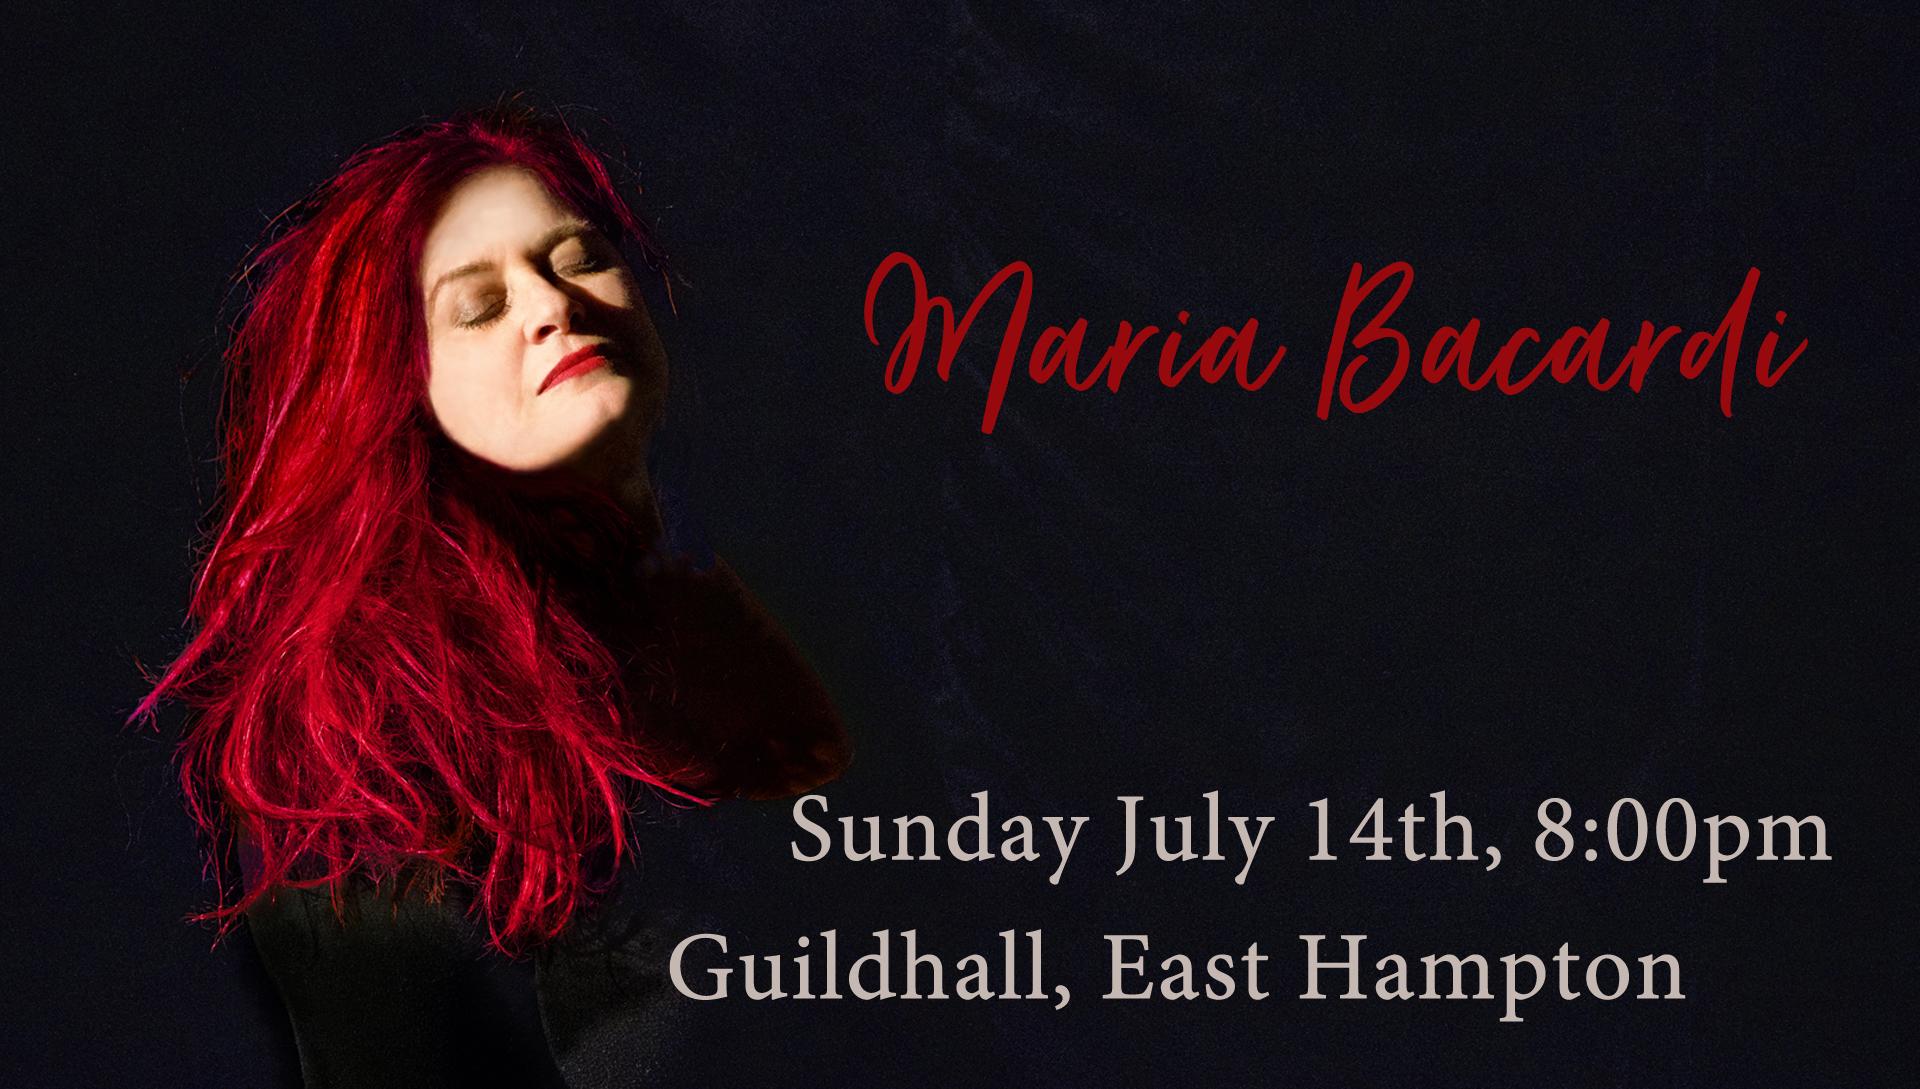 Maria Duele_FB event image.jpg